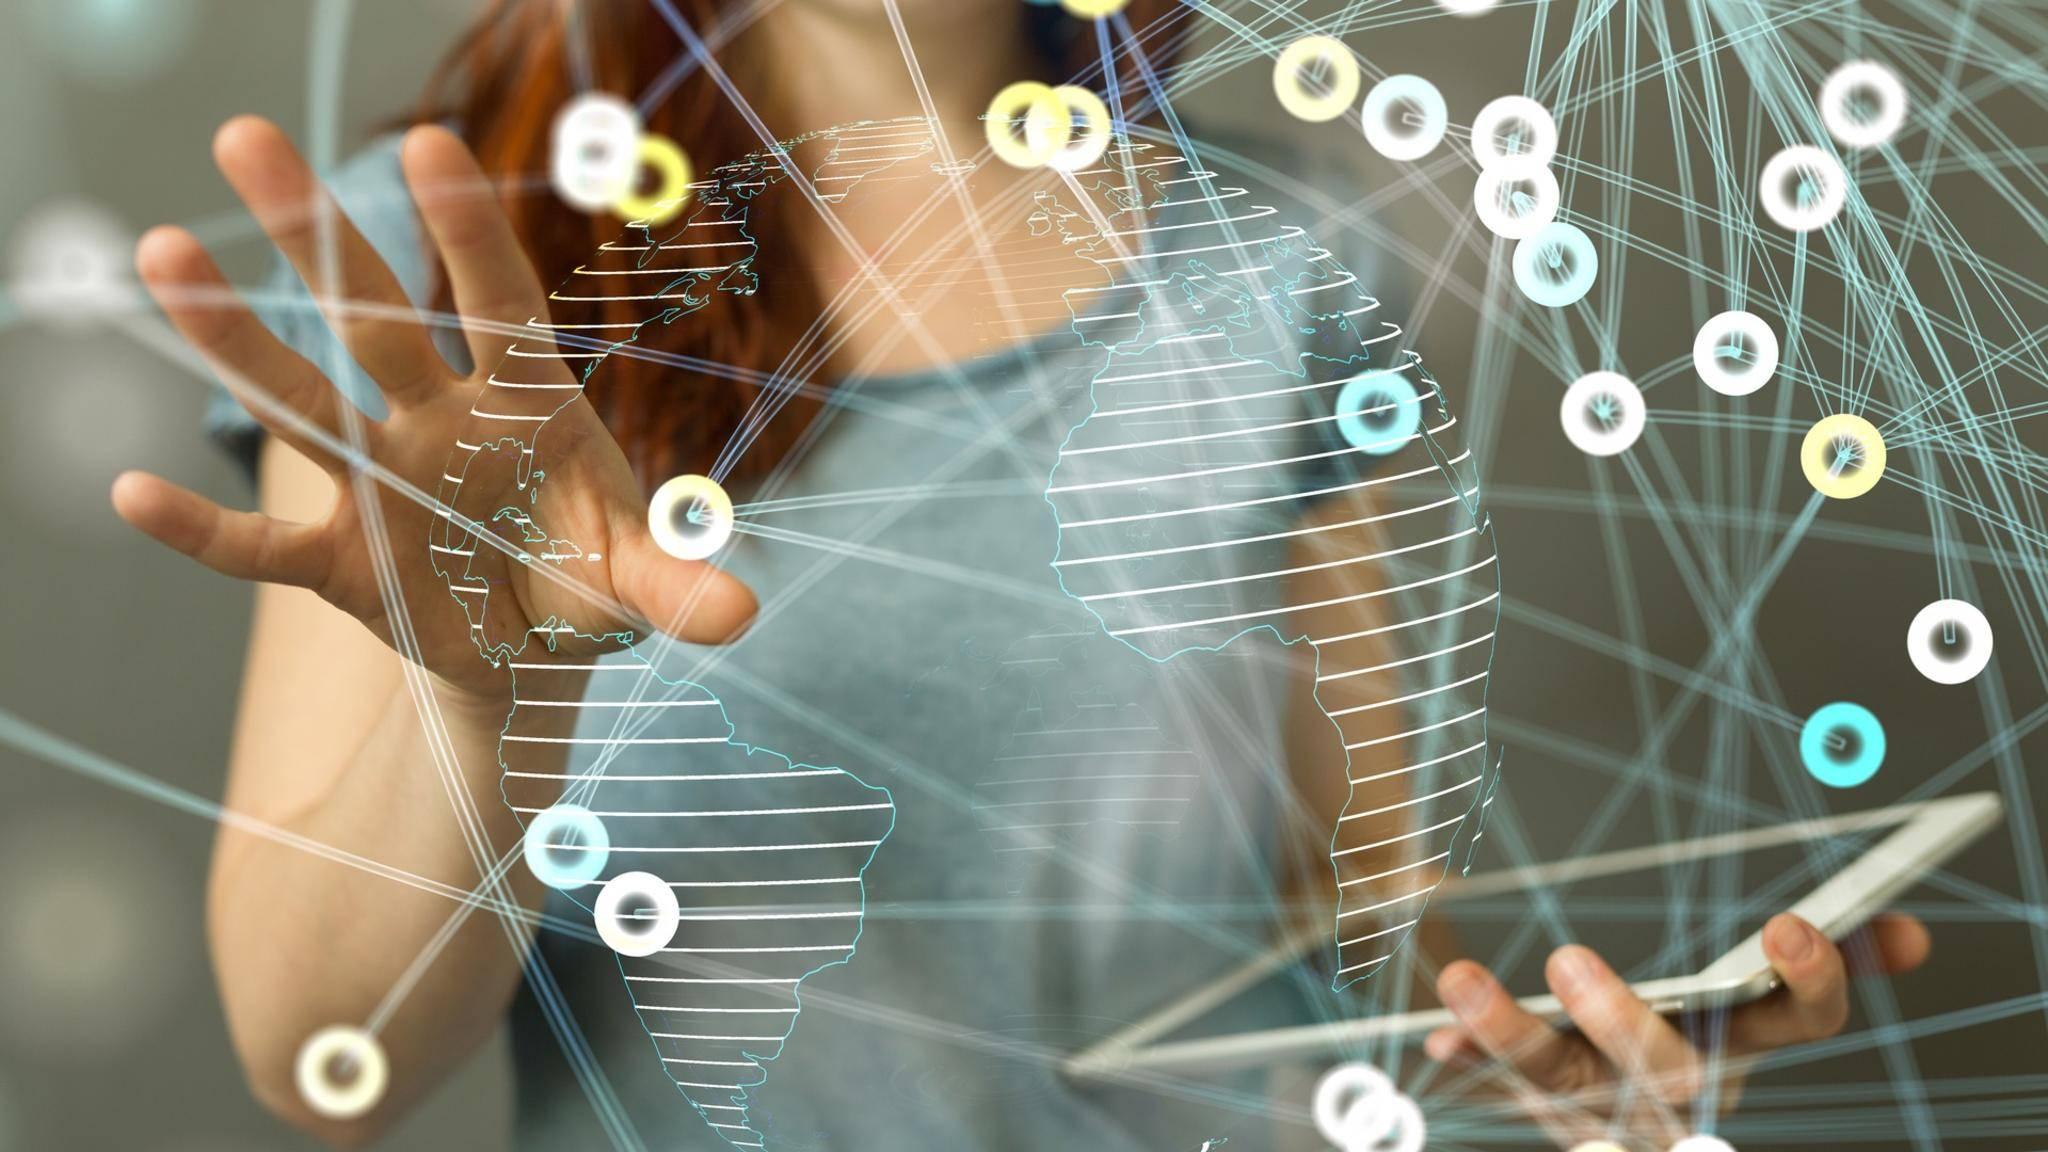 Netzneutralität bezieht sich auf die Übertragungsgeschwindigkeit von Daten im Internet.